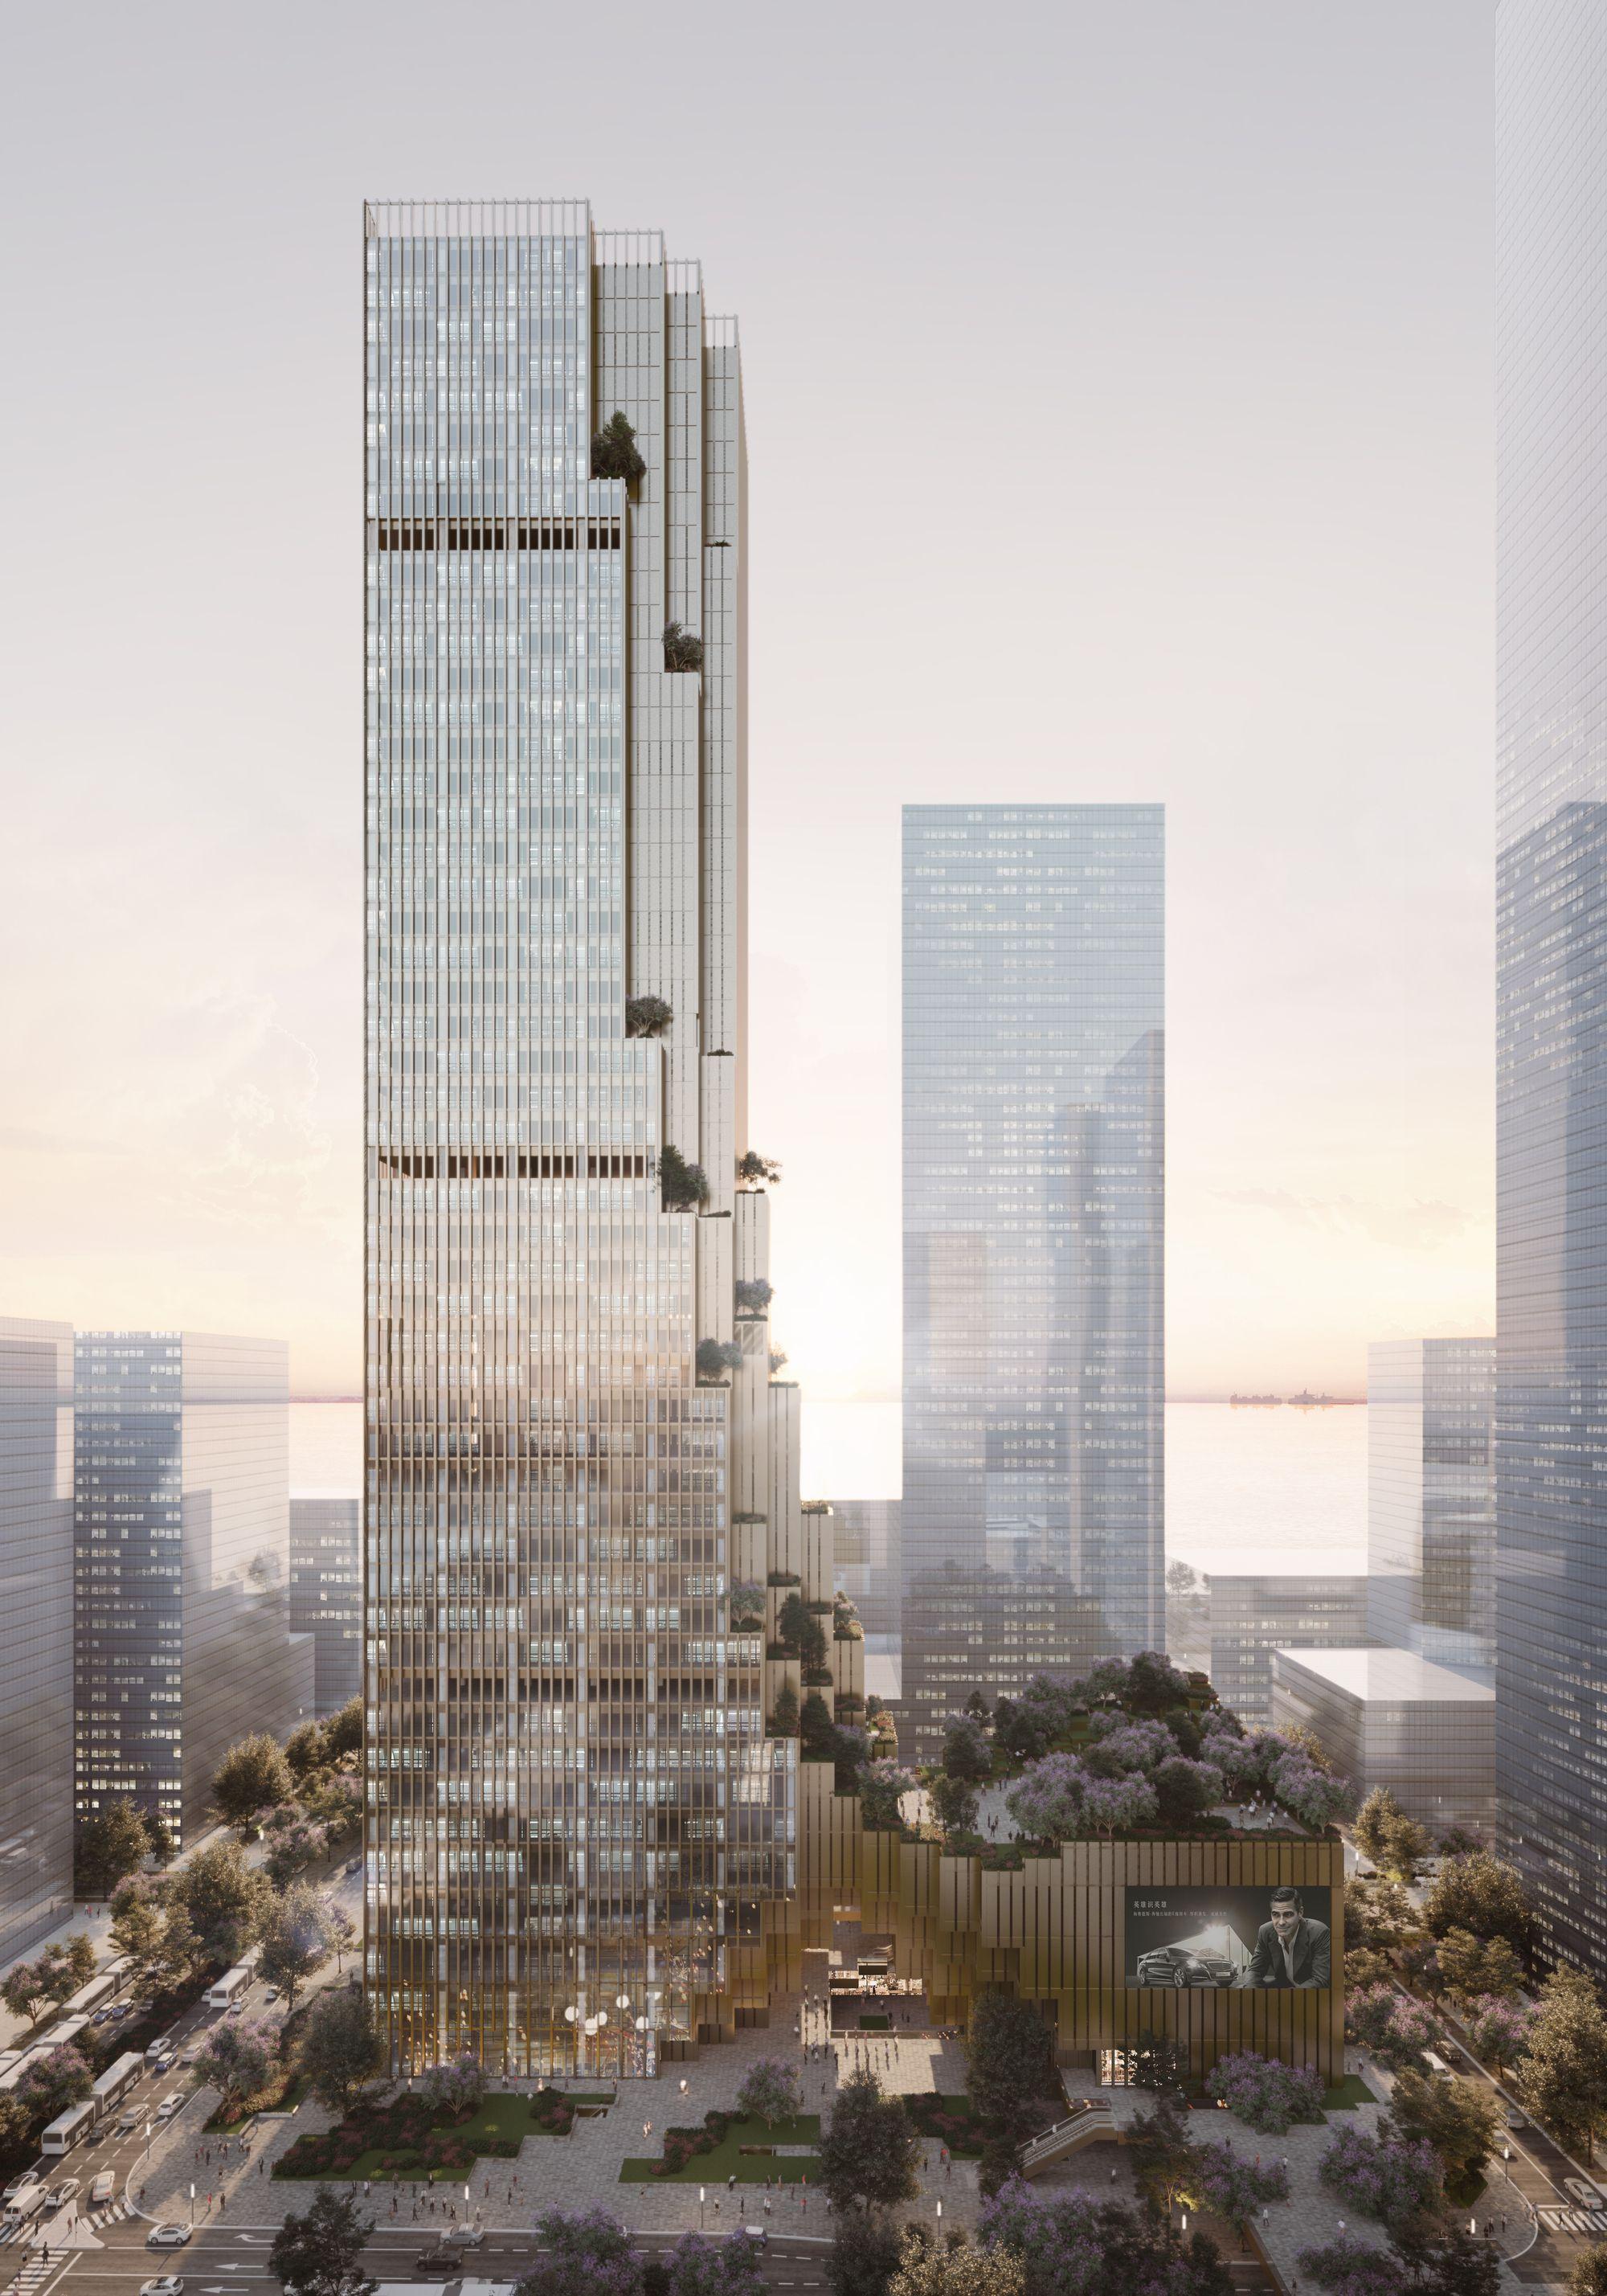 Gallery Of Mecanoo Designs Bronze Skyscraper For World S Largest Weaving Enterprise In Shenzhen 6 Skyscraper Skyscraper Architecture Architecture